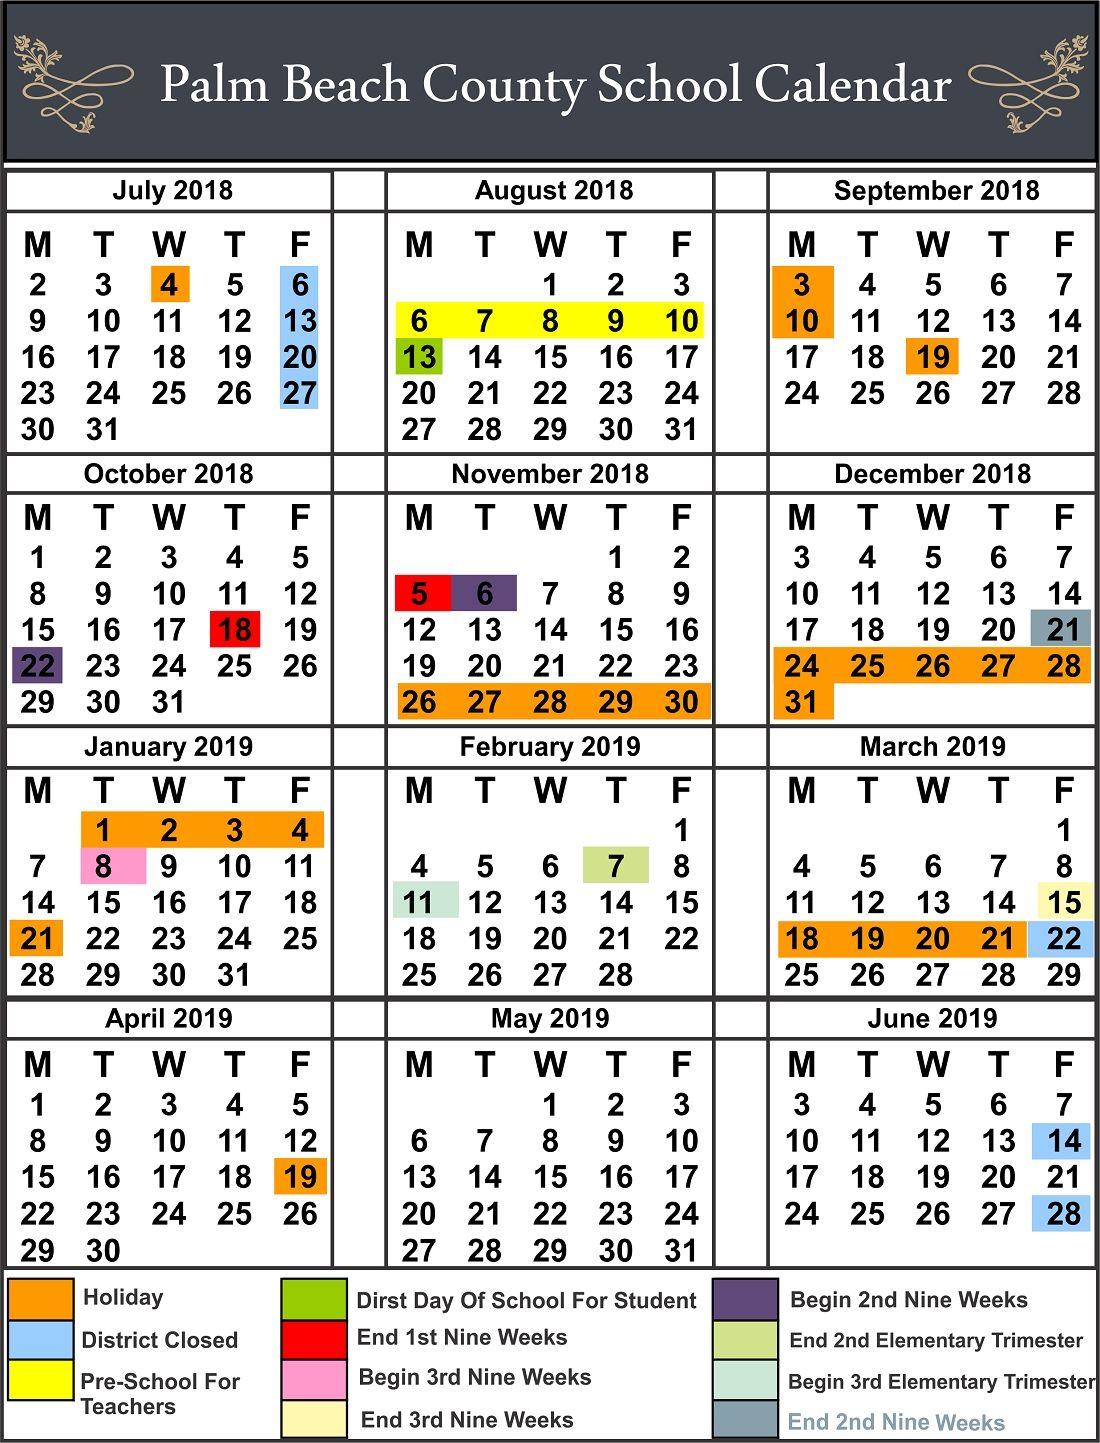 Dashing Calendar School West Palm Beach In 2020 School Calendar Leon County Palm Beach County